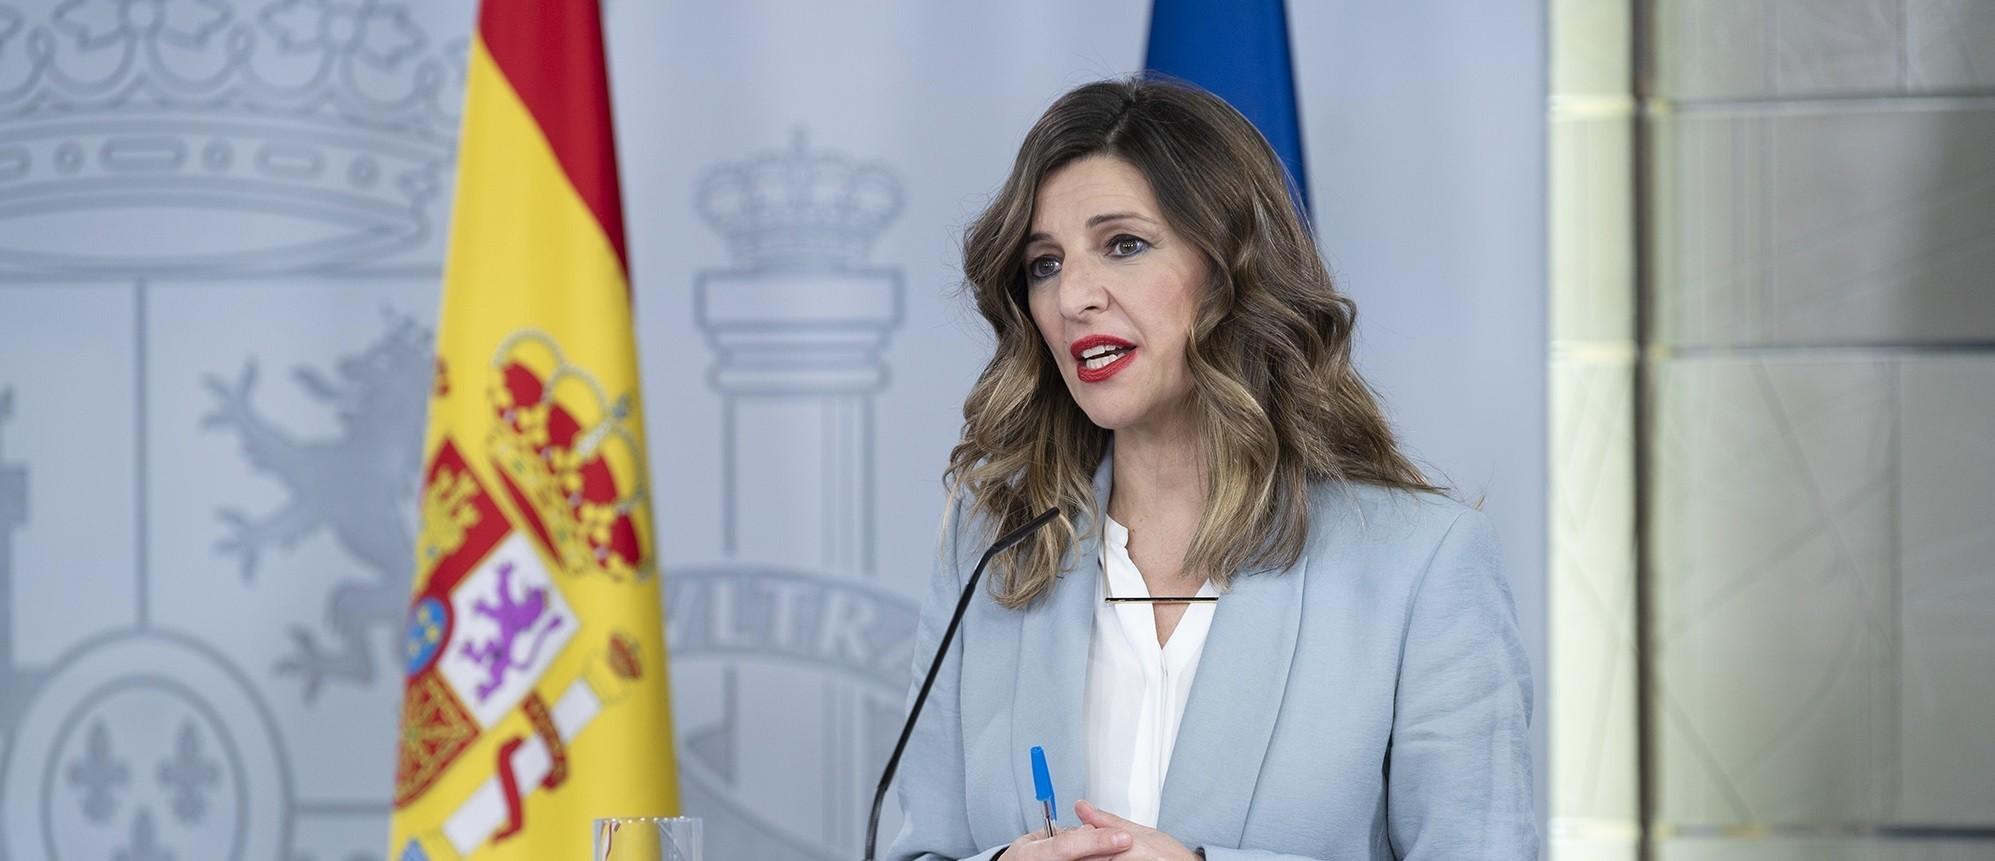 Yolanda Díaz se gana a Pedro Sánchez: pacta la comida semanal que Moncloa canceló con Pablo Iglesias